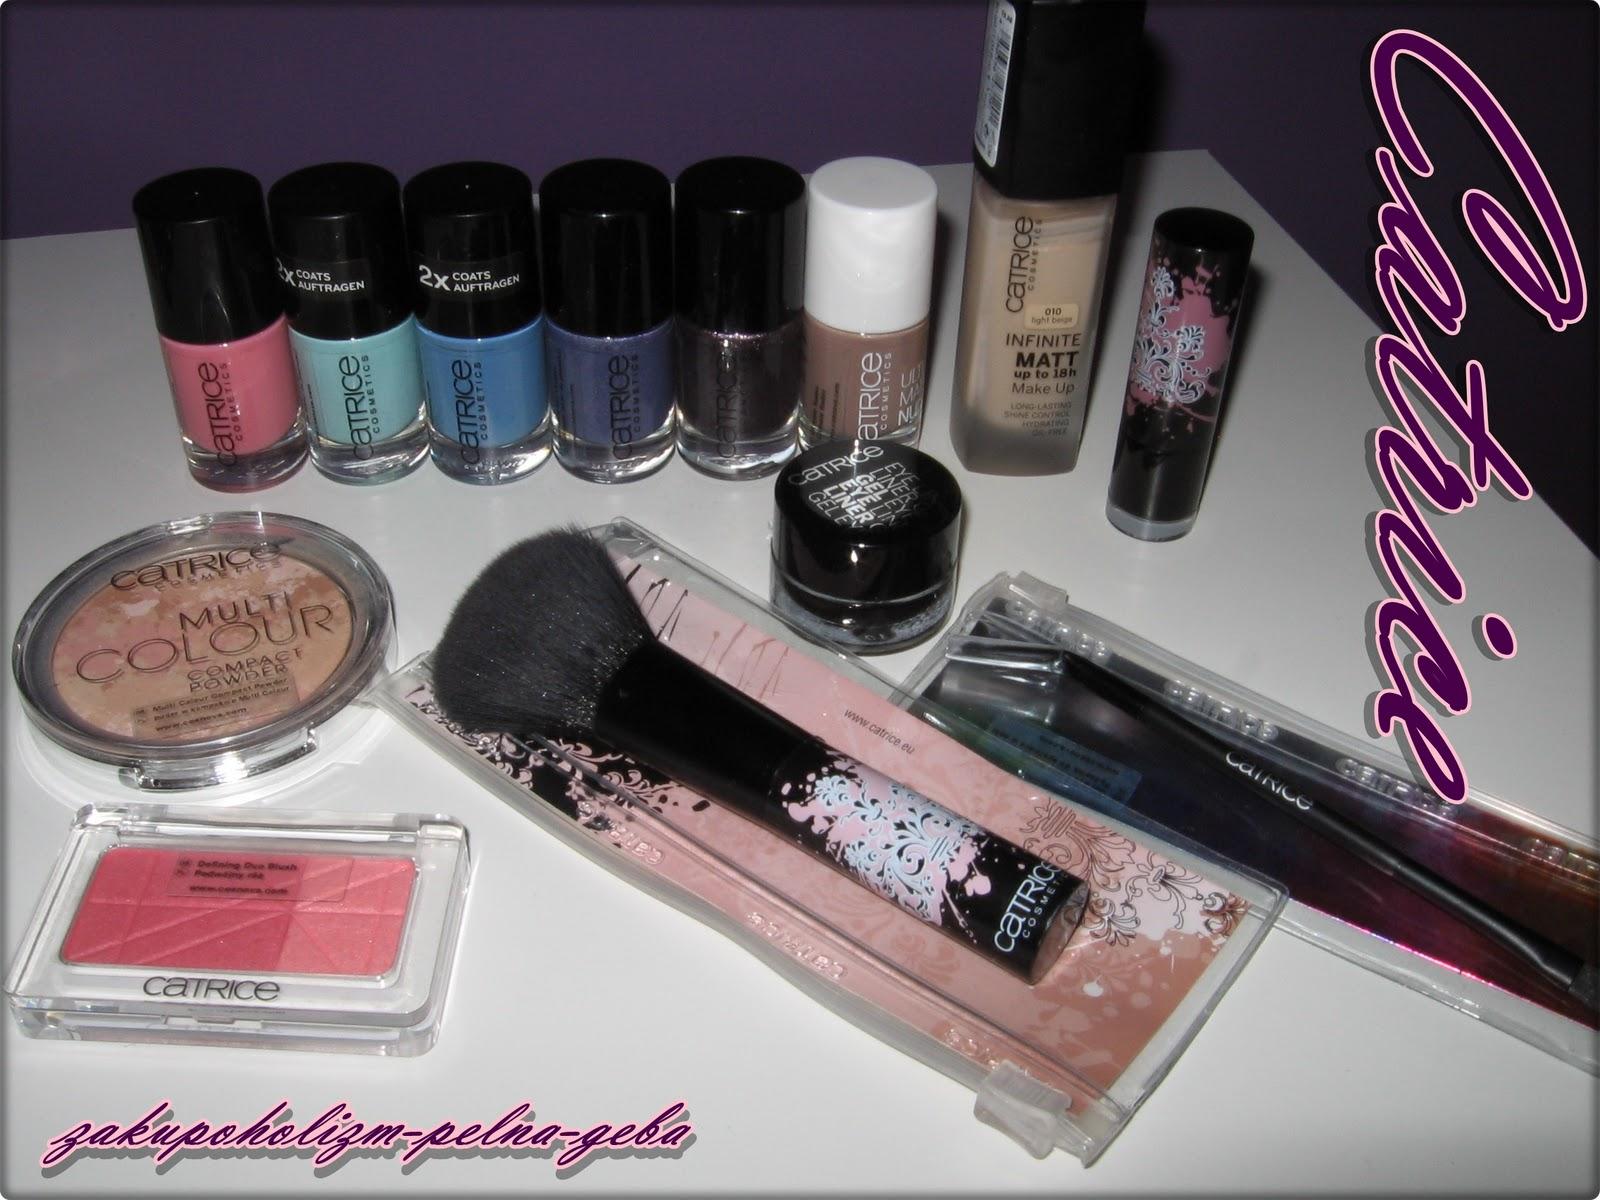 Zakupoholizm pełną gębą - po prostu :): Różowo-pigmentowo ;)